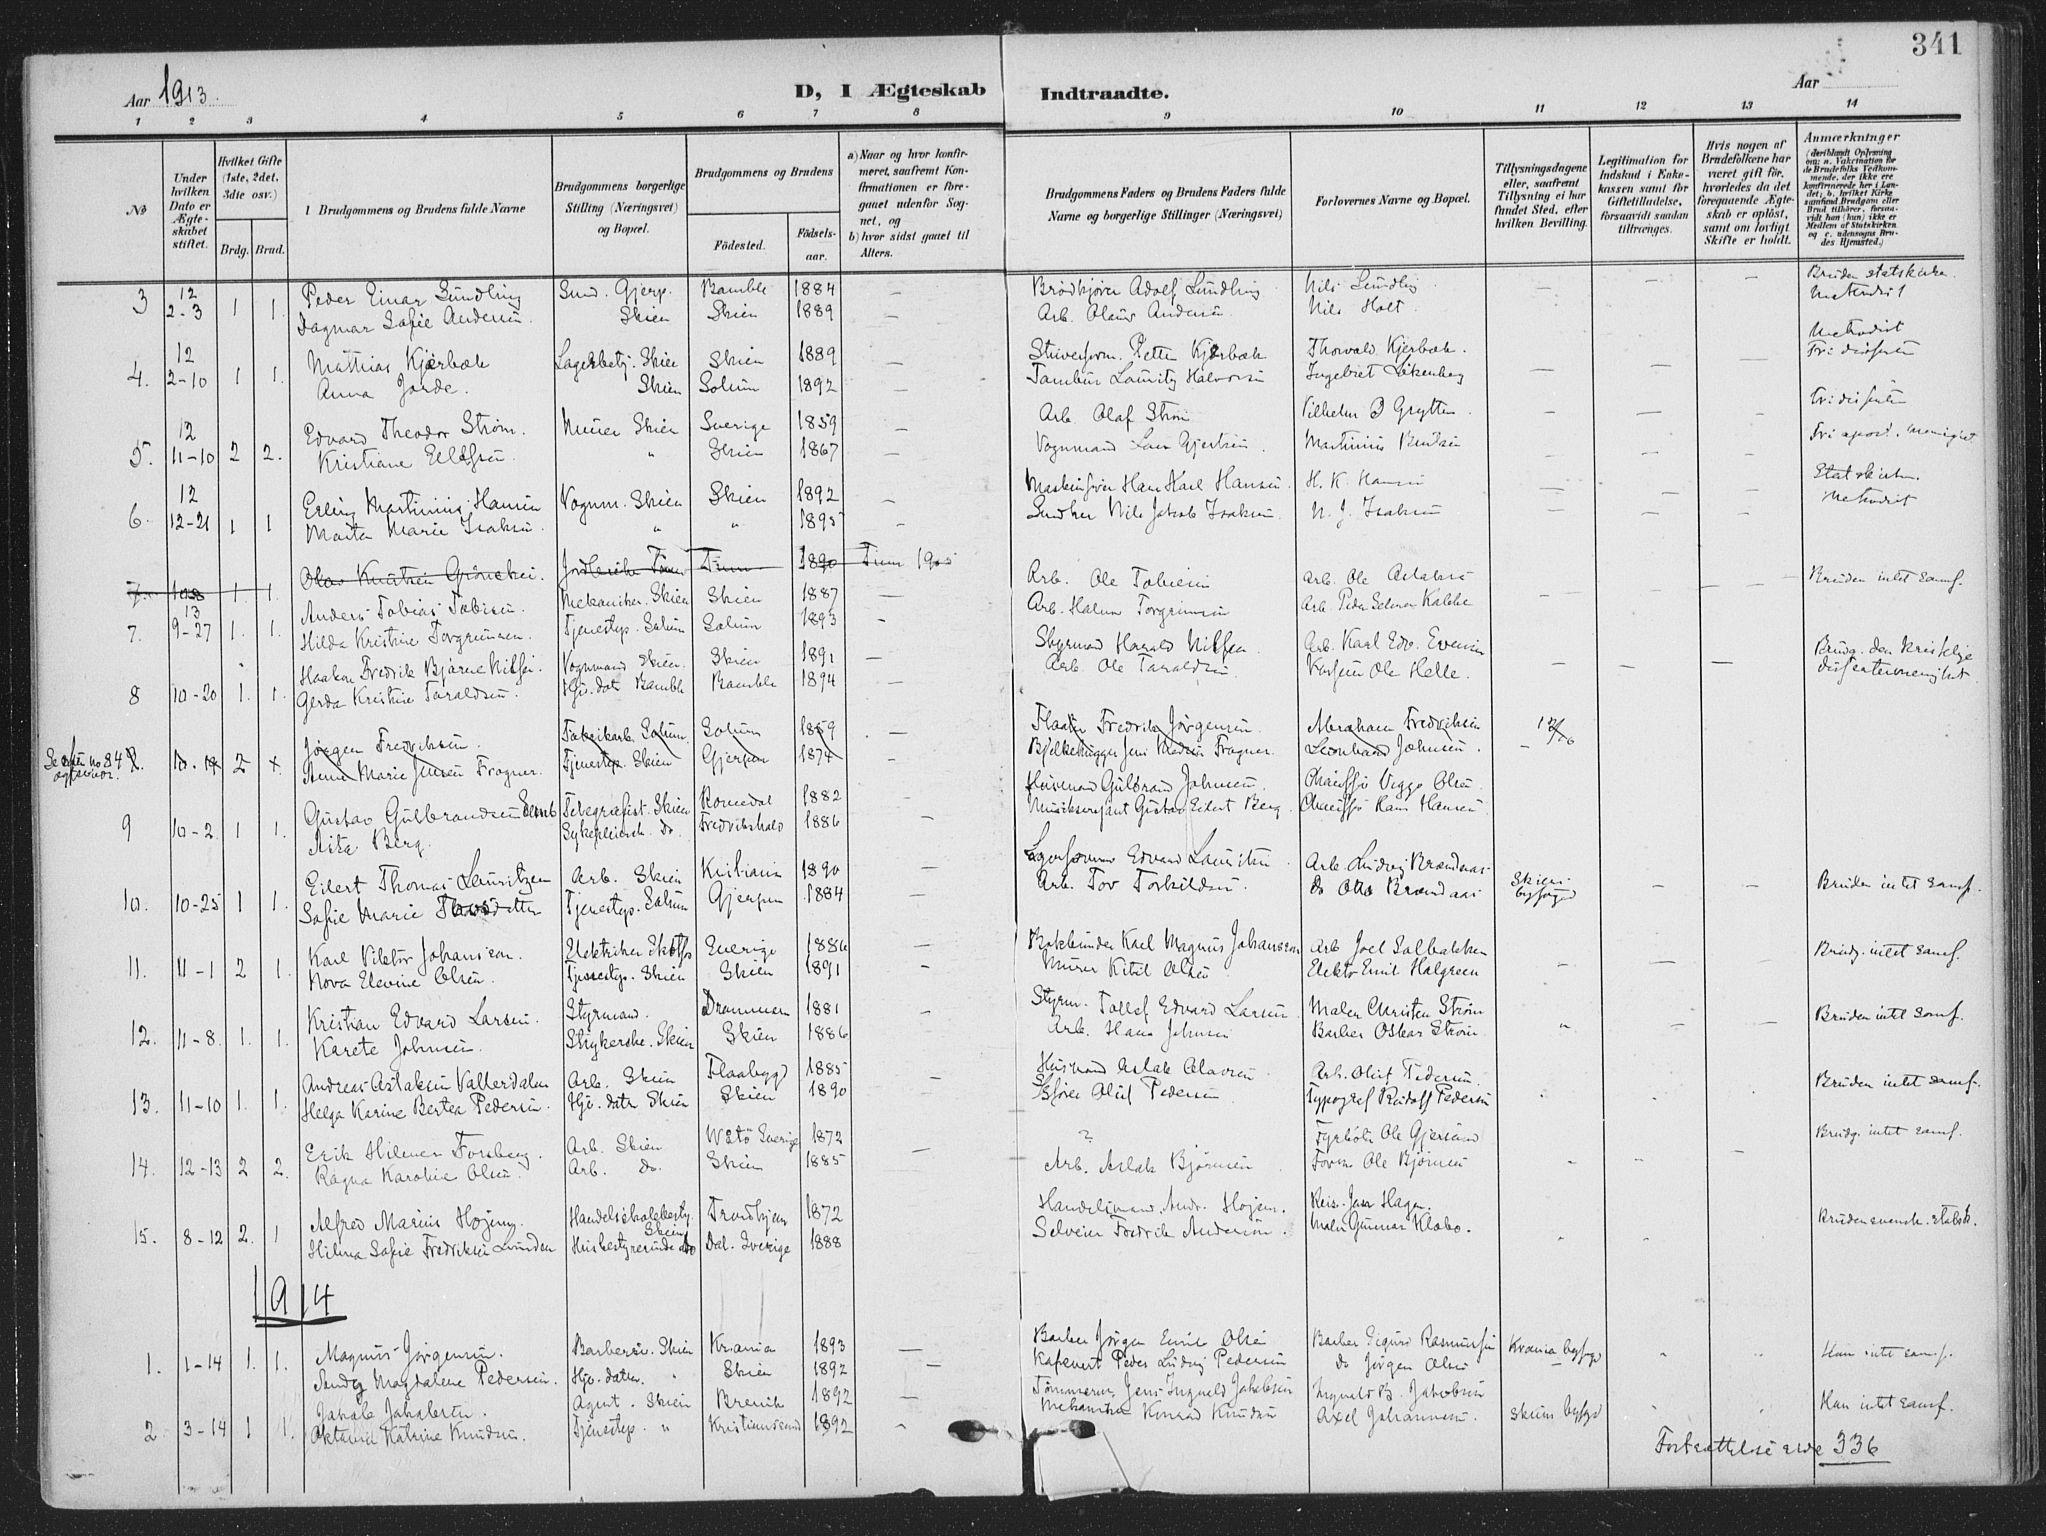 SAKO, Skien kirkebøker, F/Fa/L0012: Ministerialbok nr. 12, 1908-1914, s. 341